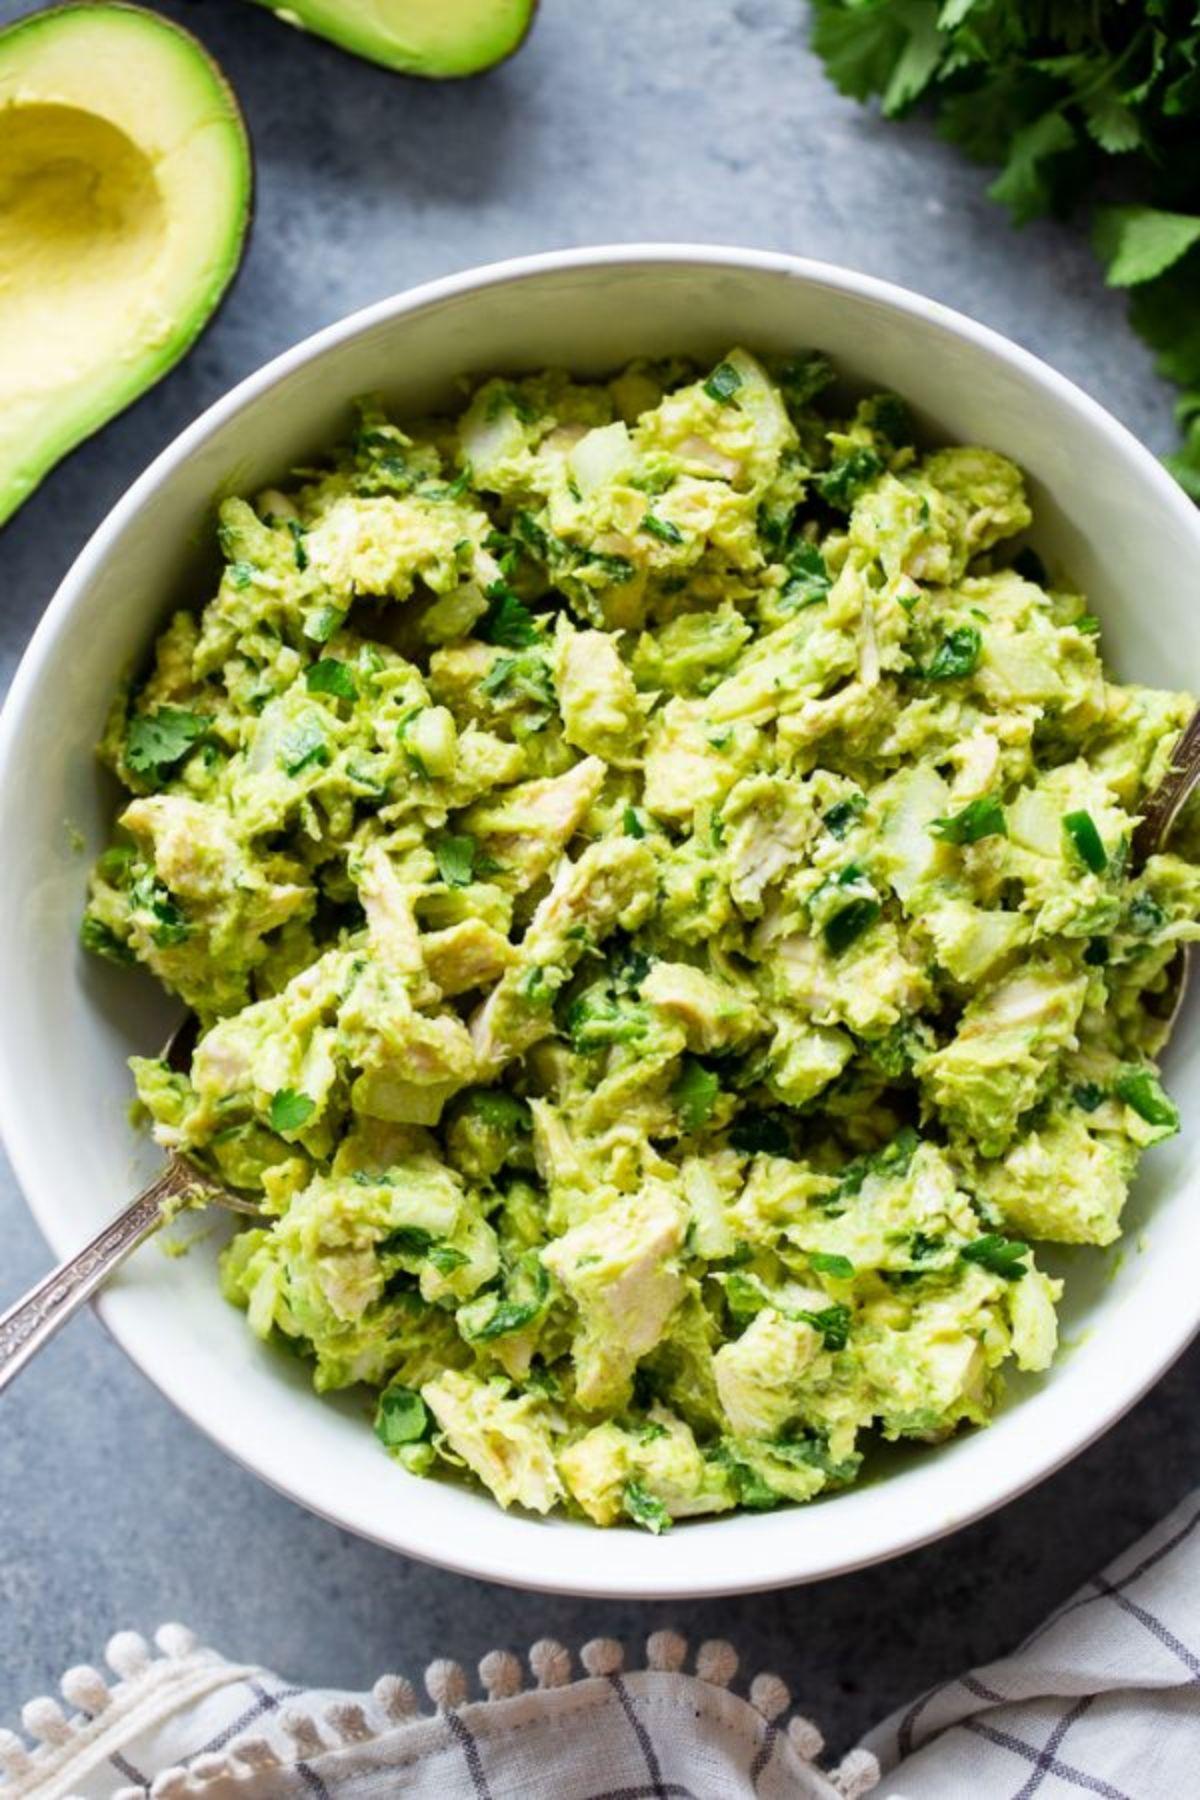 a bowl of guacamole chicken salad